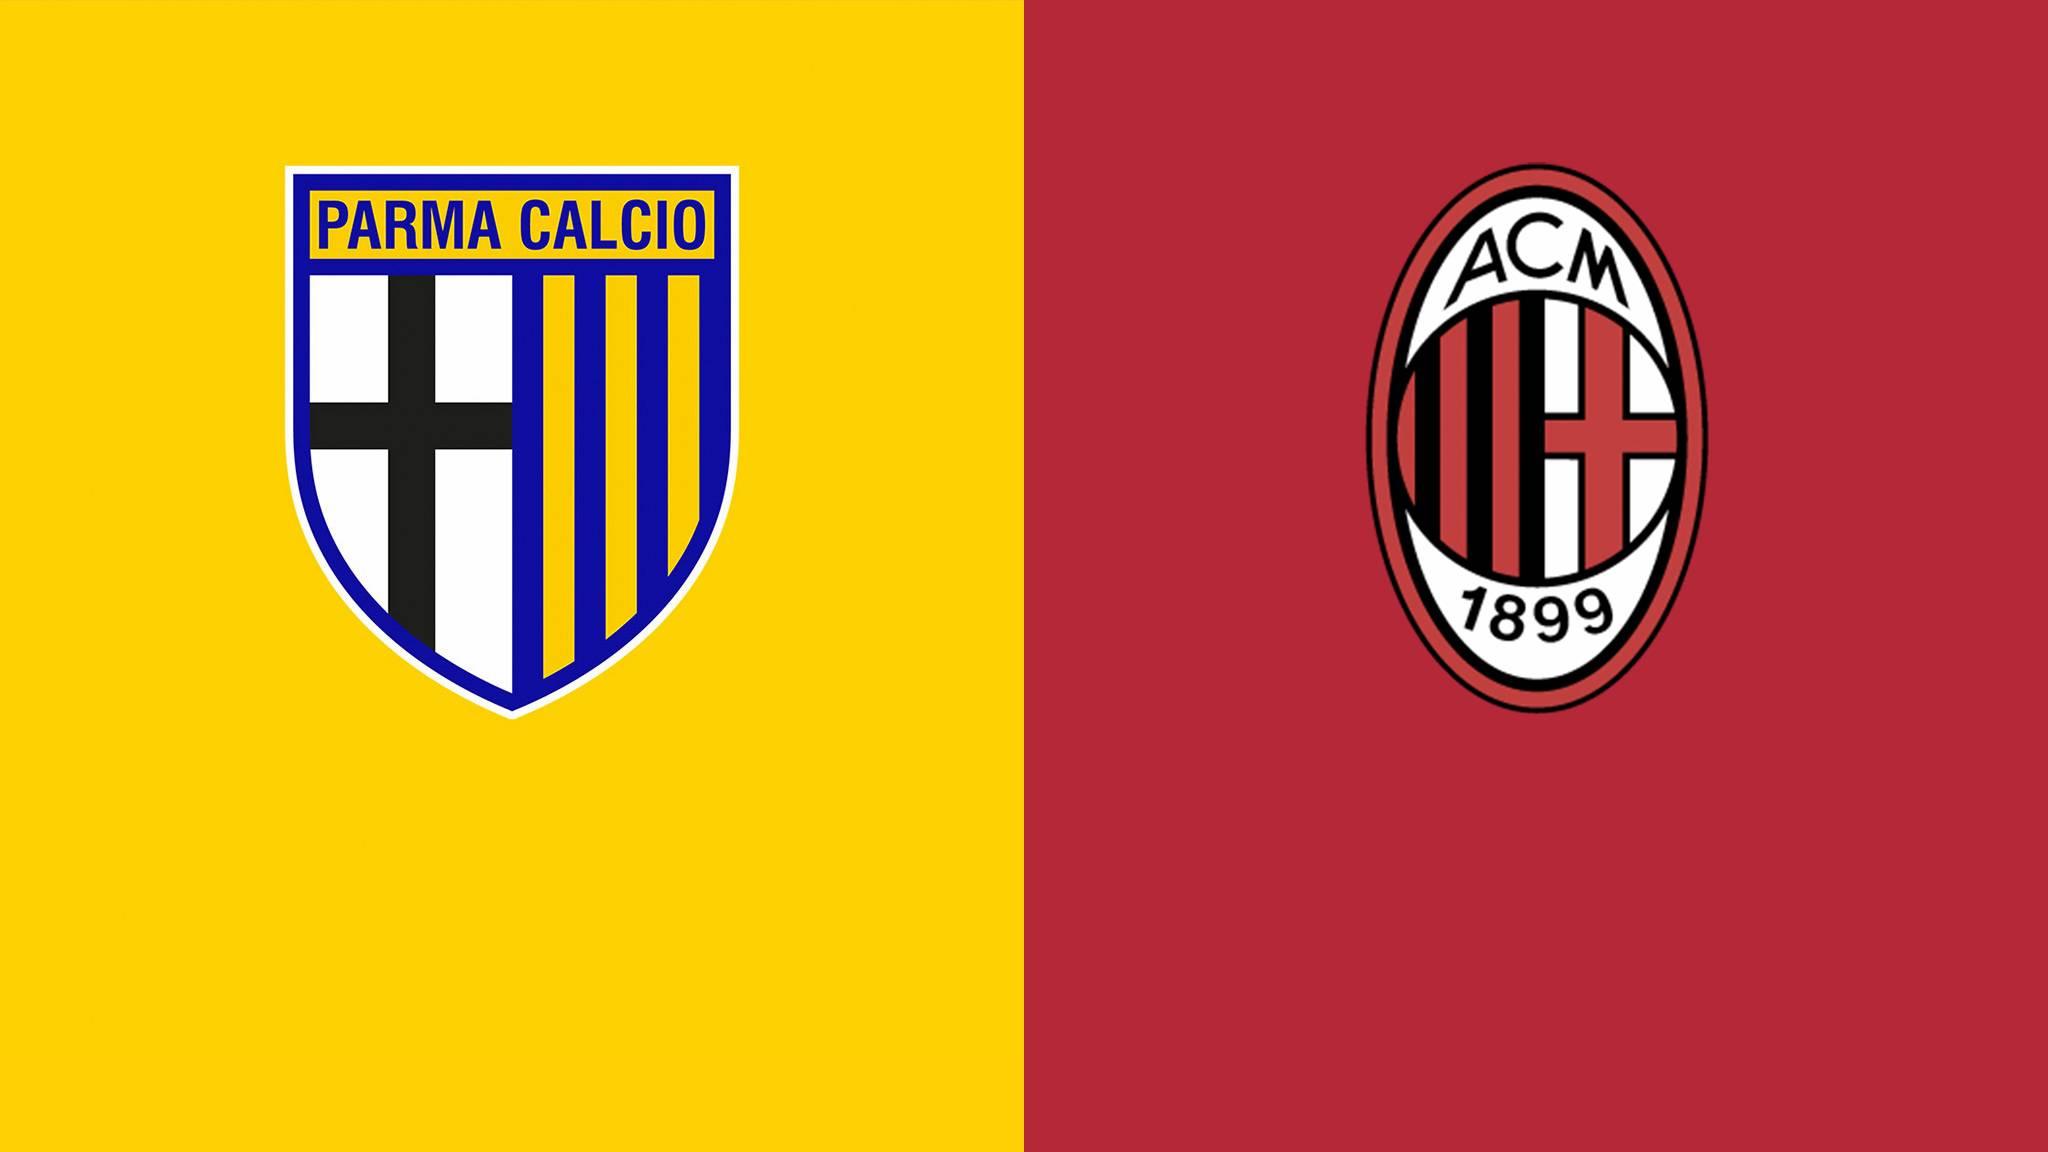 Nhận định bóng đá: Parma sẽ đón tiếp AC Milan vào 23h00 ngày 10/04